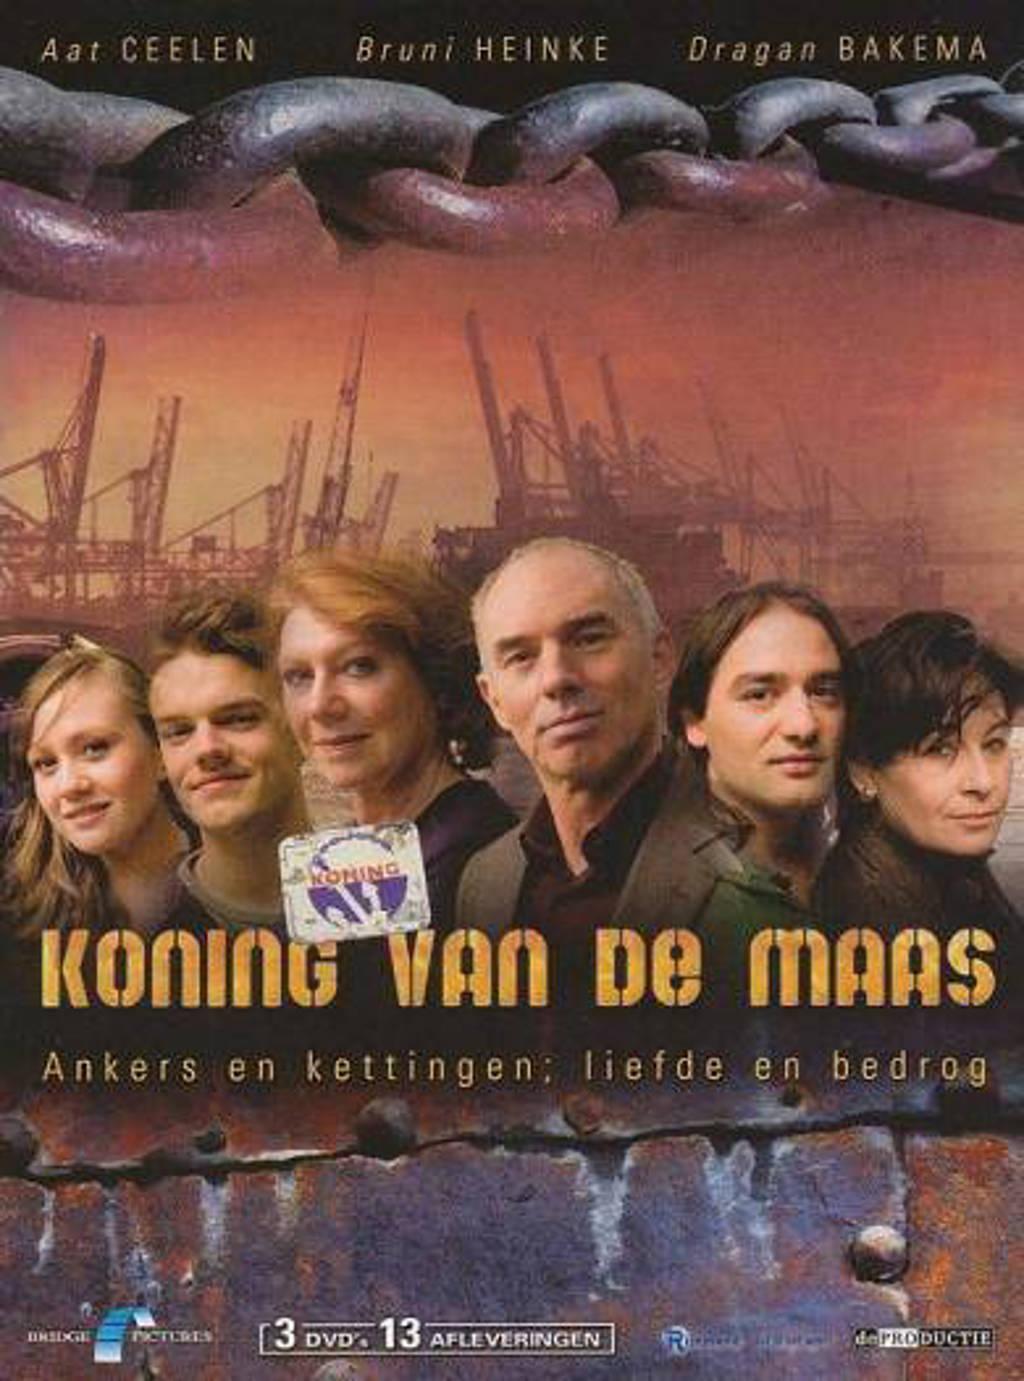 Koning van de maas (DVD)